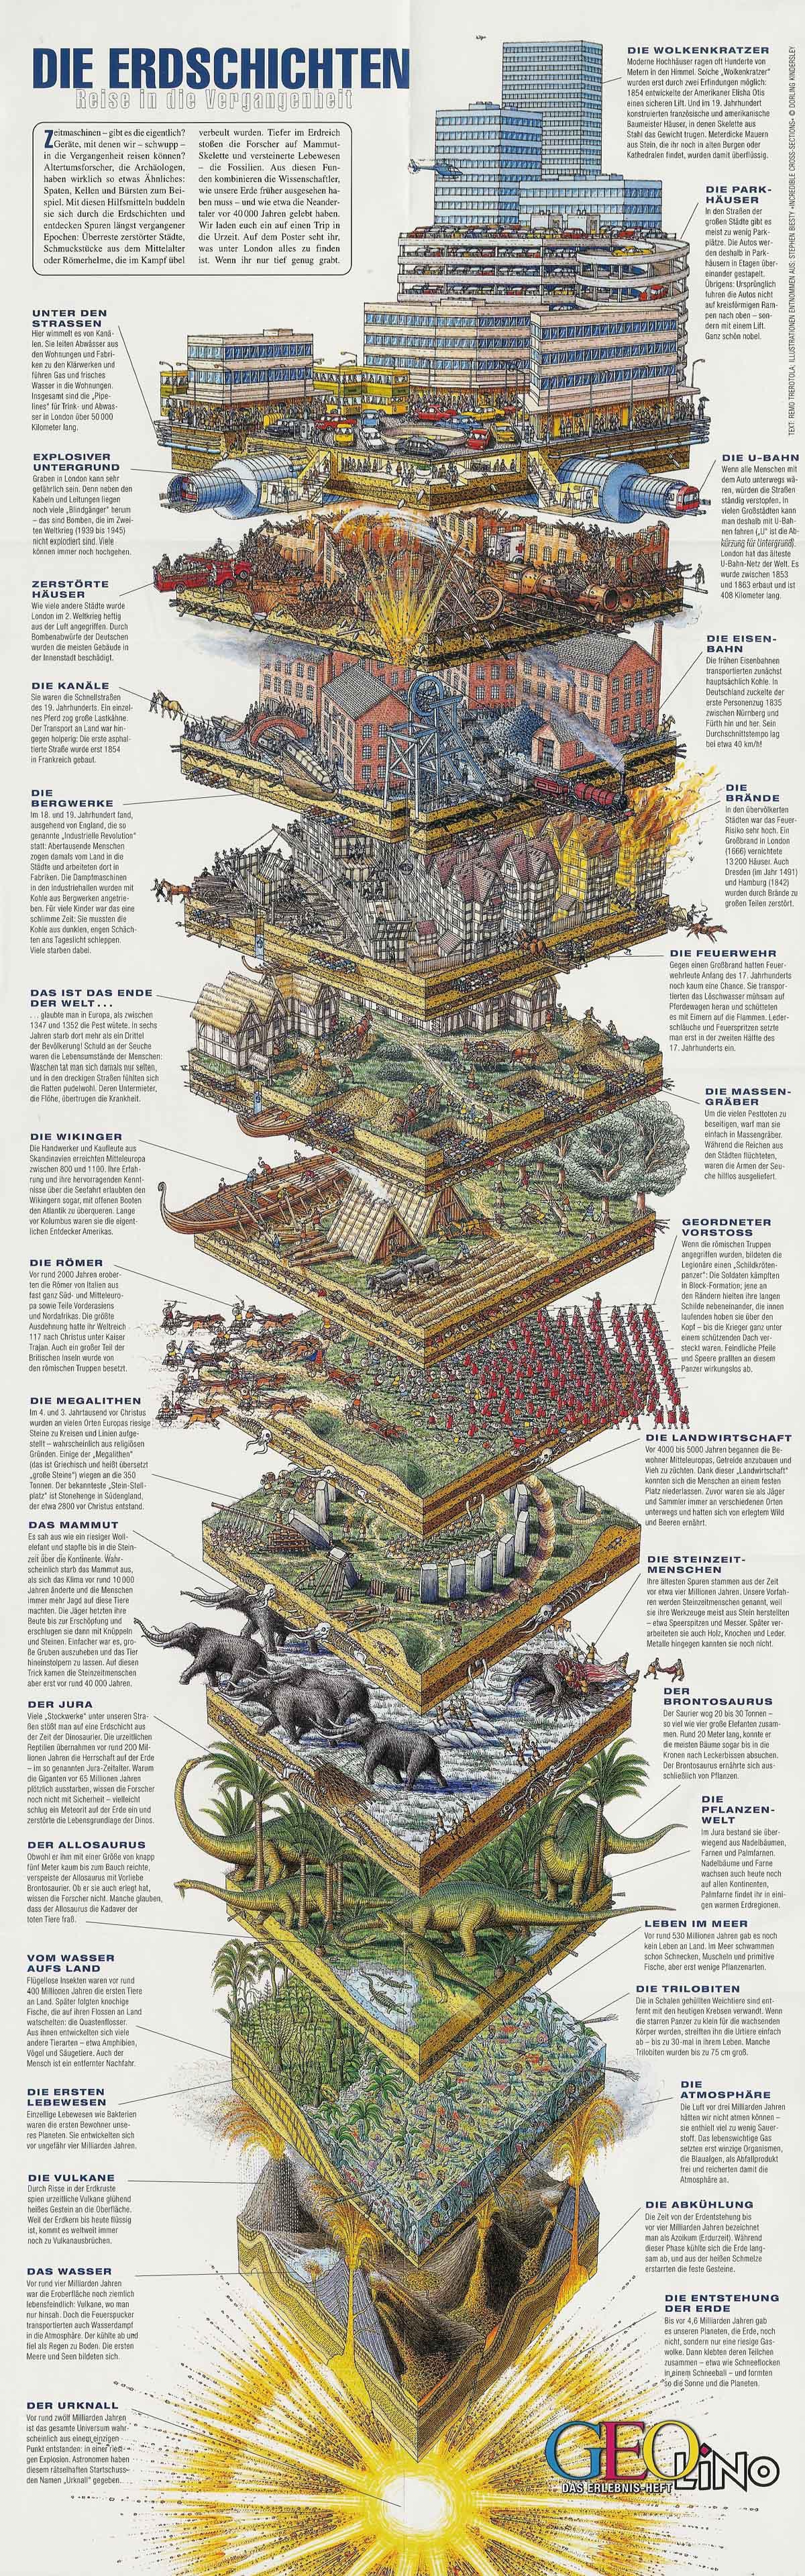 Erdschichtem - aus Geo lino 2001